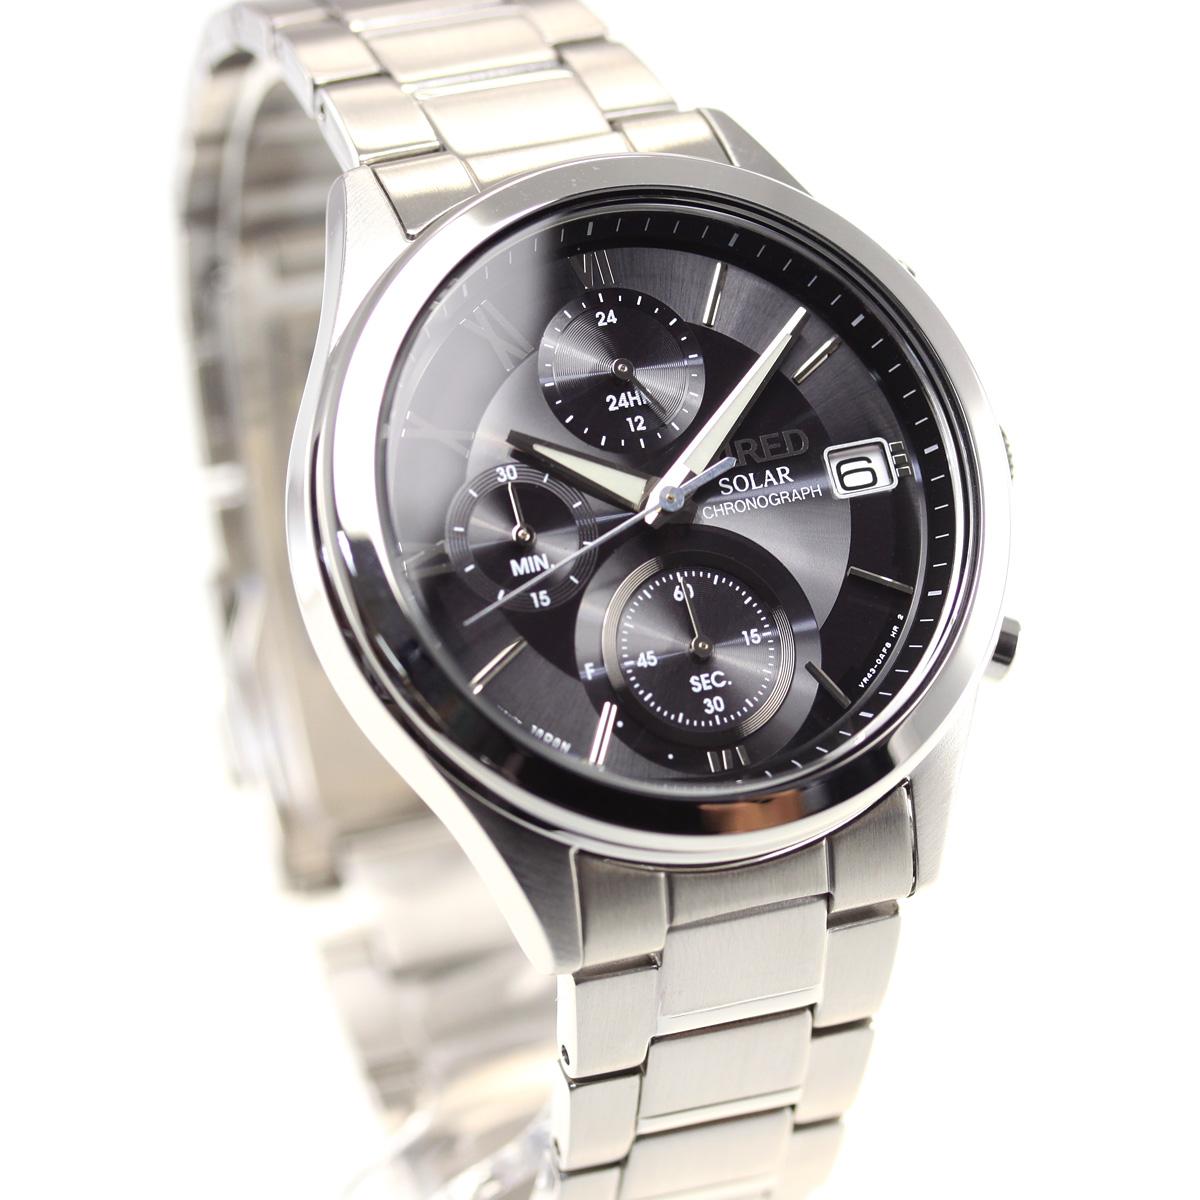 セイコー ワイアード ペアスタイル SEIKO WIRED PAIR STYLE ソーラー 腕時計 メンズ クロノグラフ AGAD098